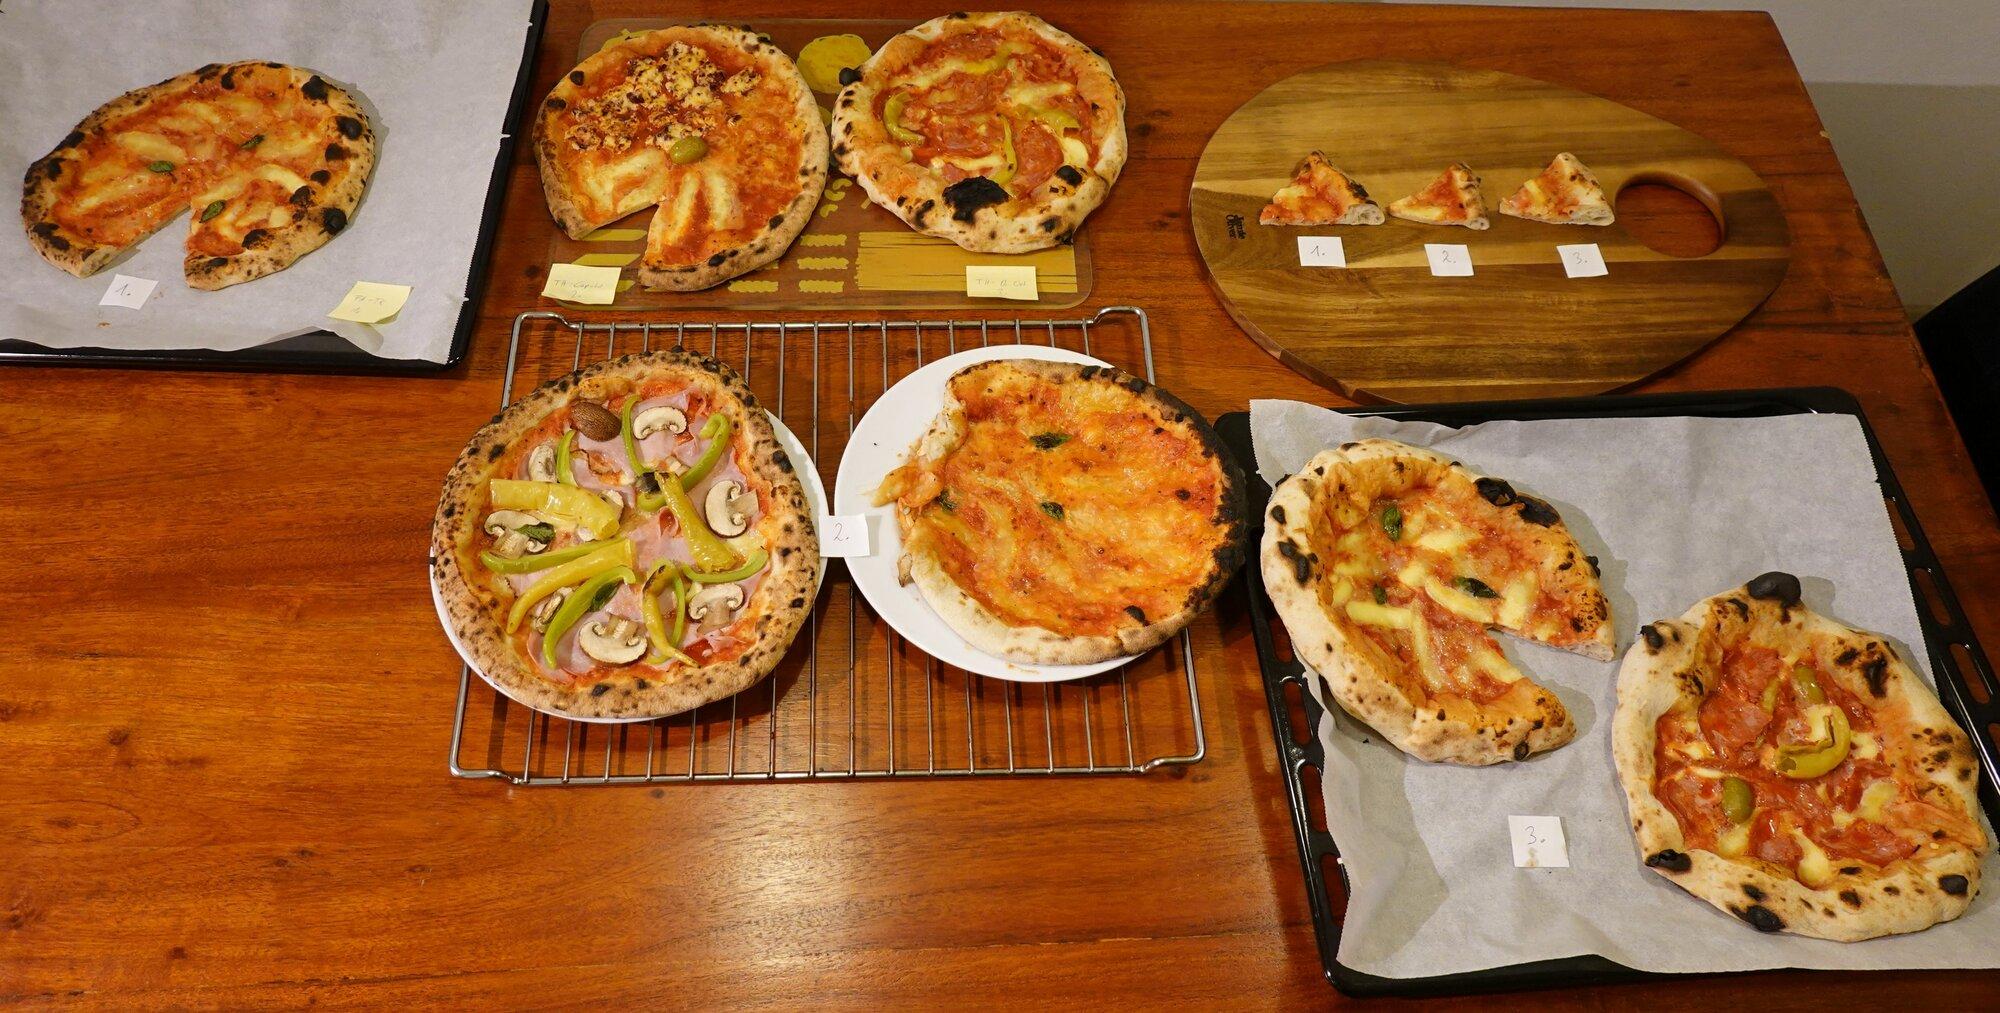 2020-08-30 Pizzateigtest Frischhefe & Trockenhefe_041.jpg